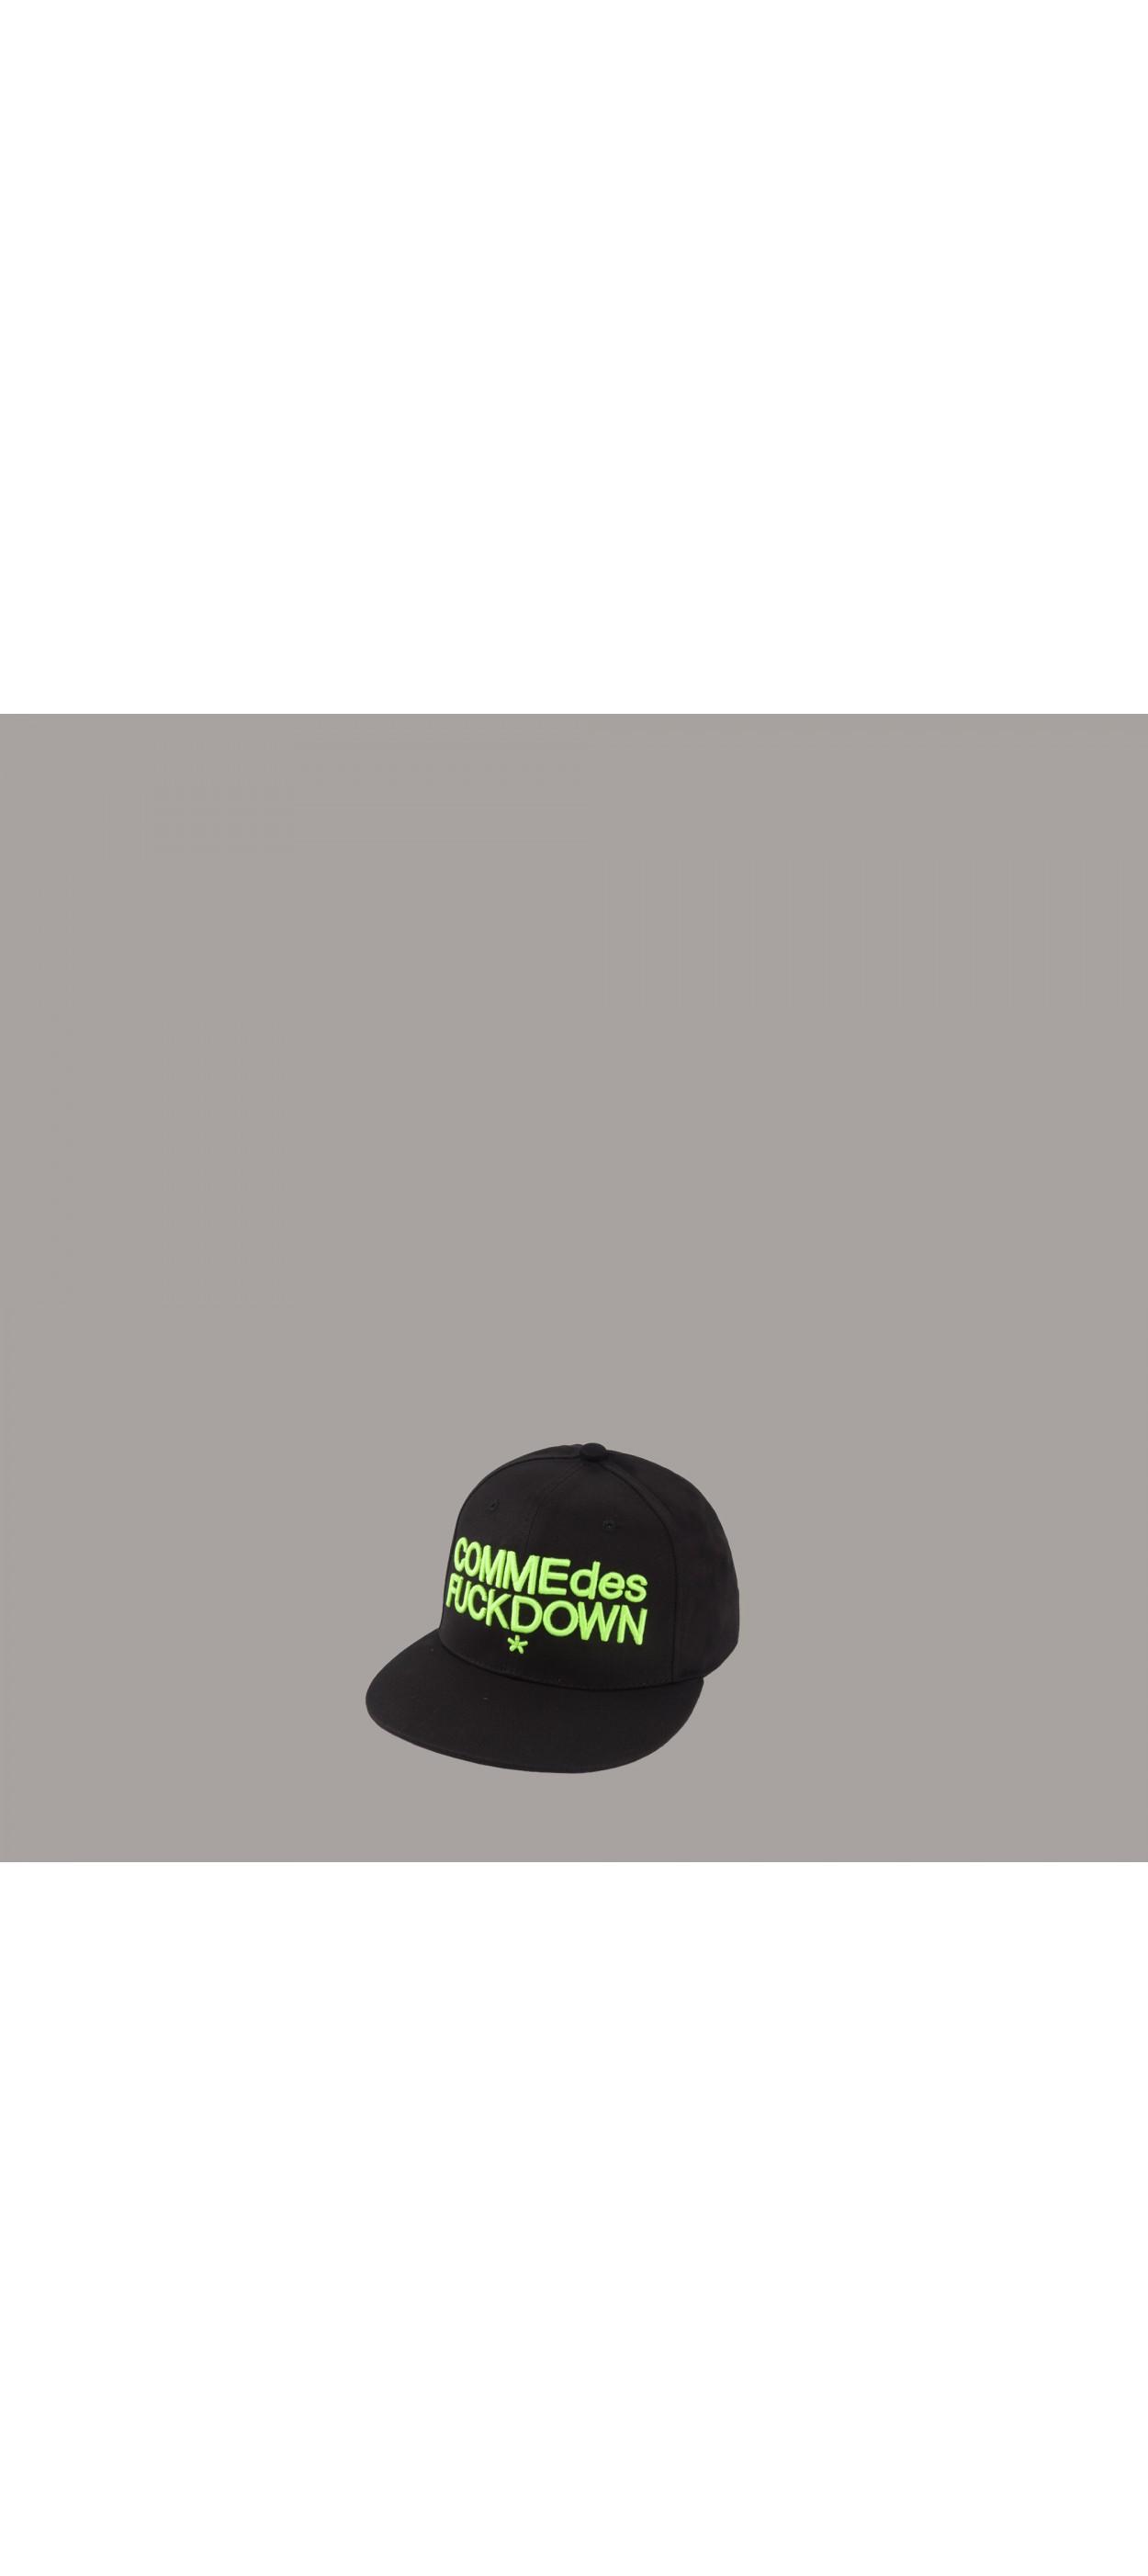 HAT - CDFA13NG - COMME DES FKDOWN